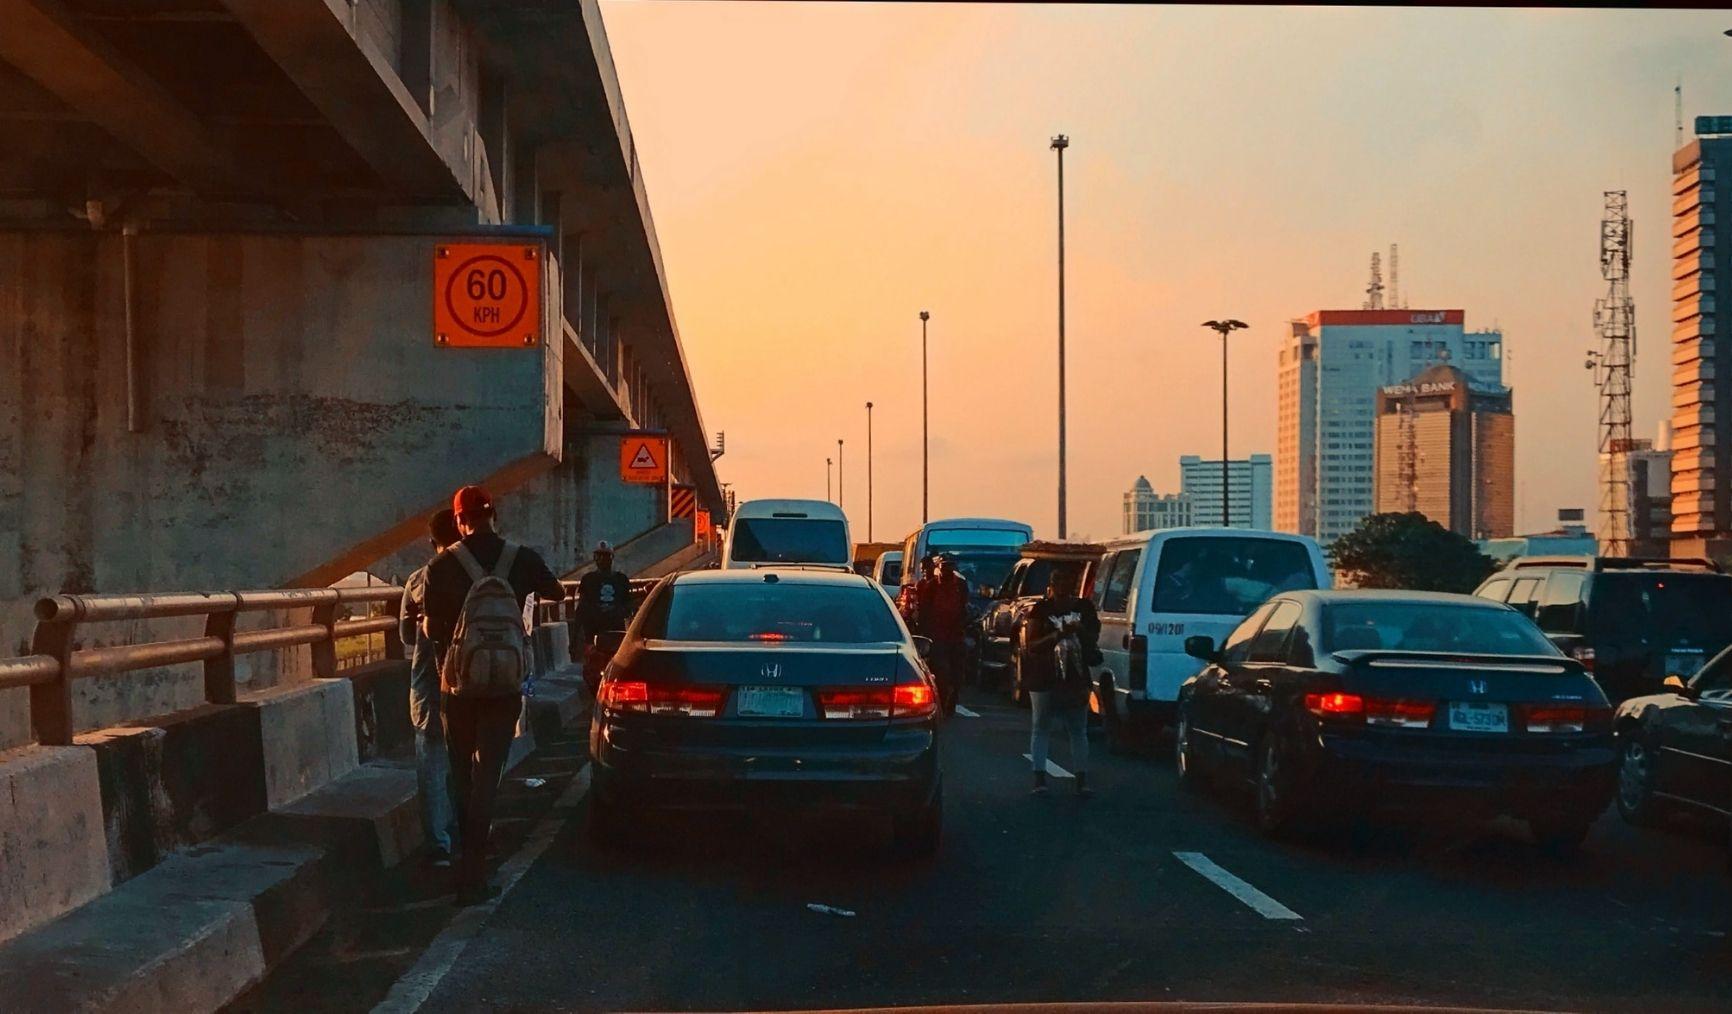 Nigeria's economy in 2020: What happened?